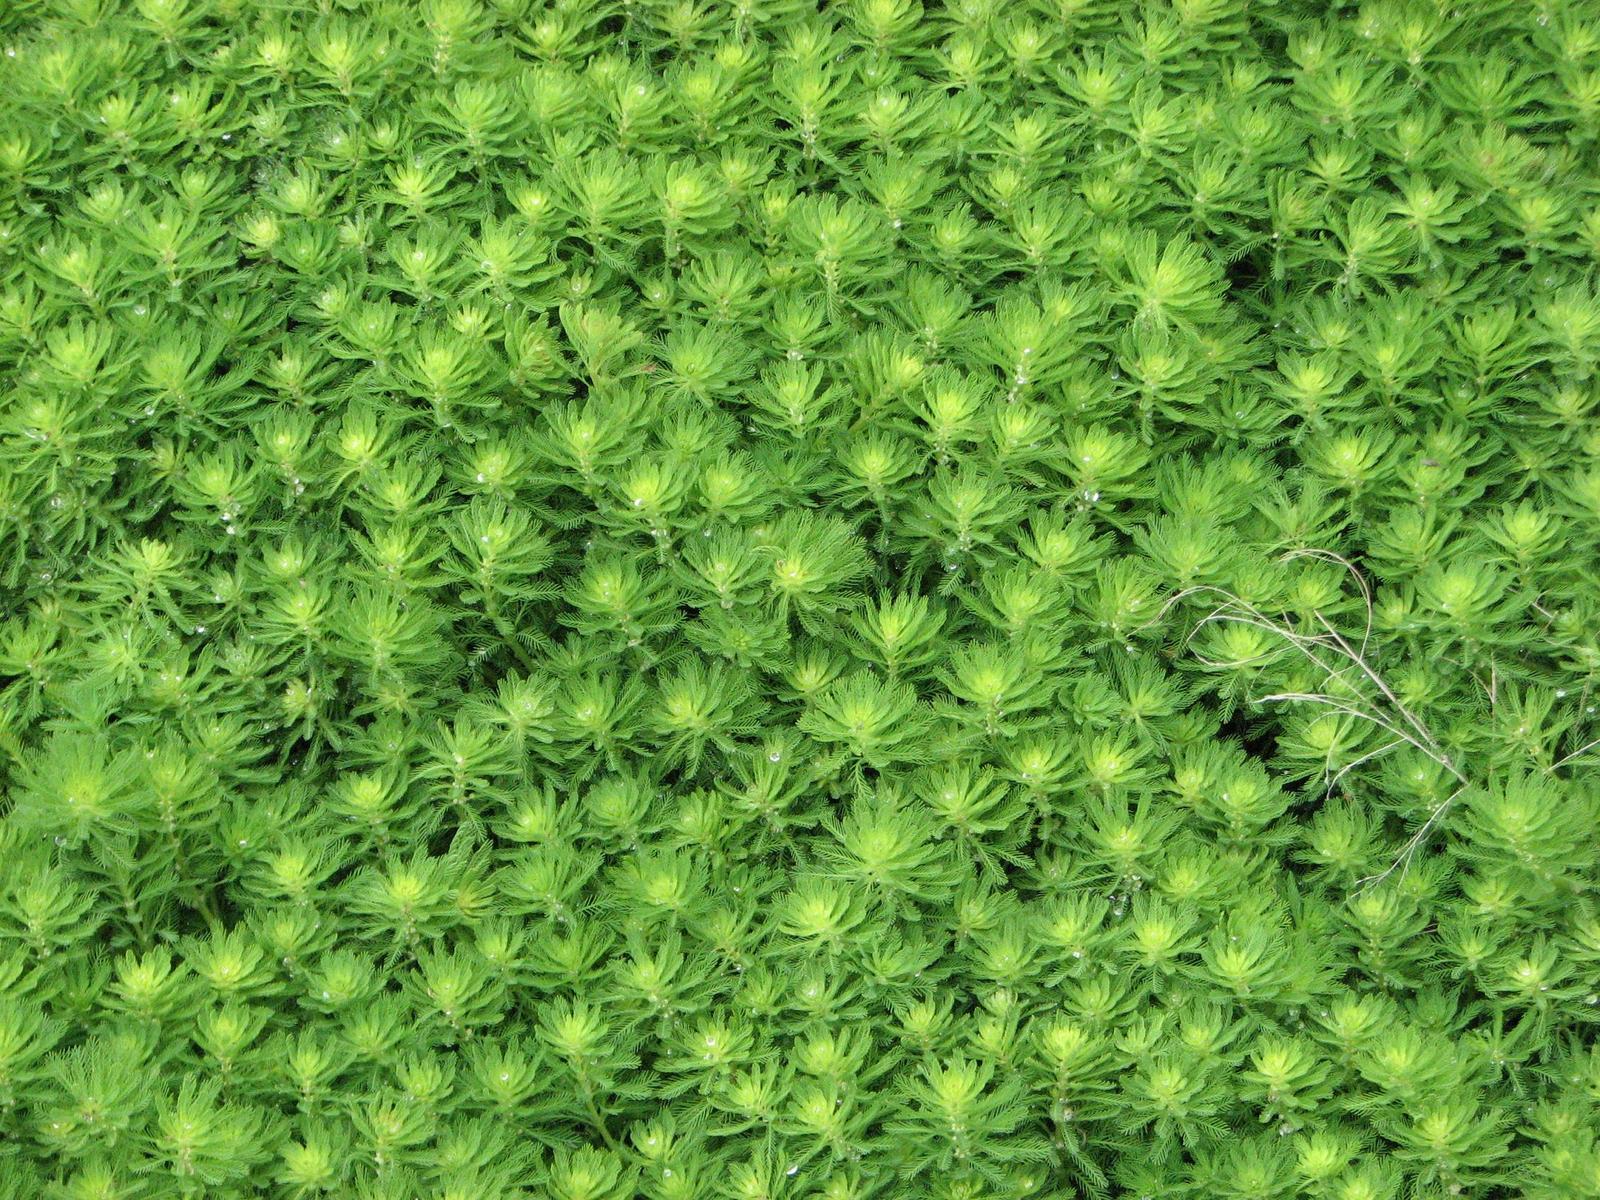 すべての講義 4ケタ : ... 藻は特定外来生物: オラ ケタル